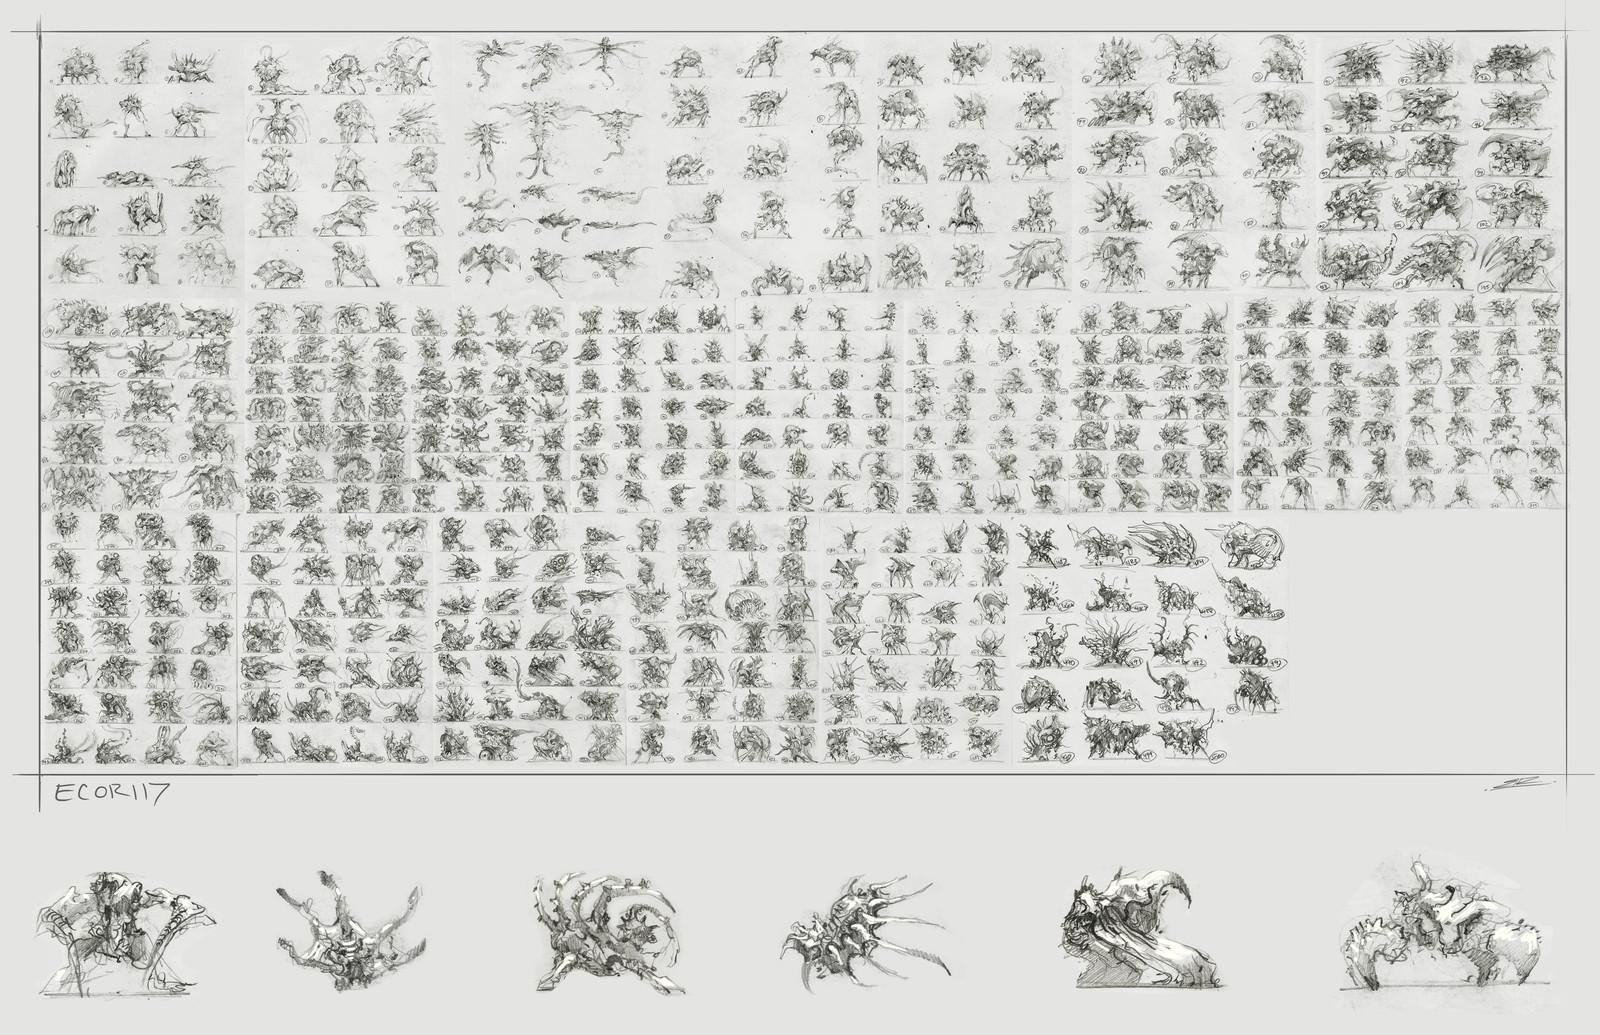 500 Creature Thumbnails